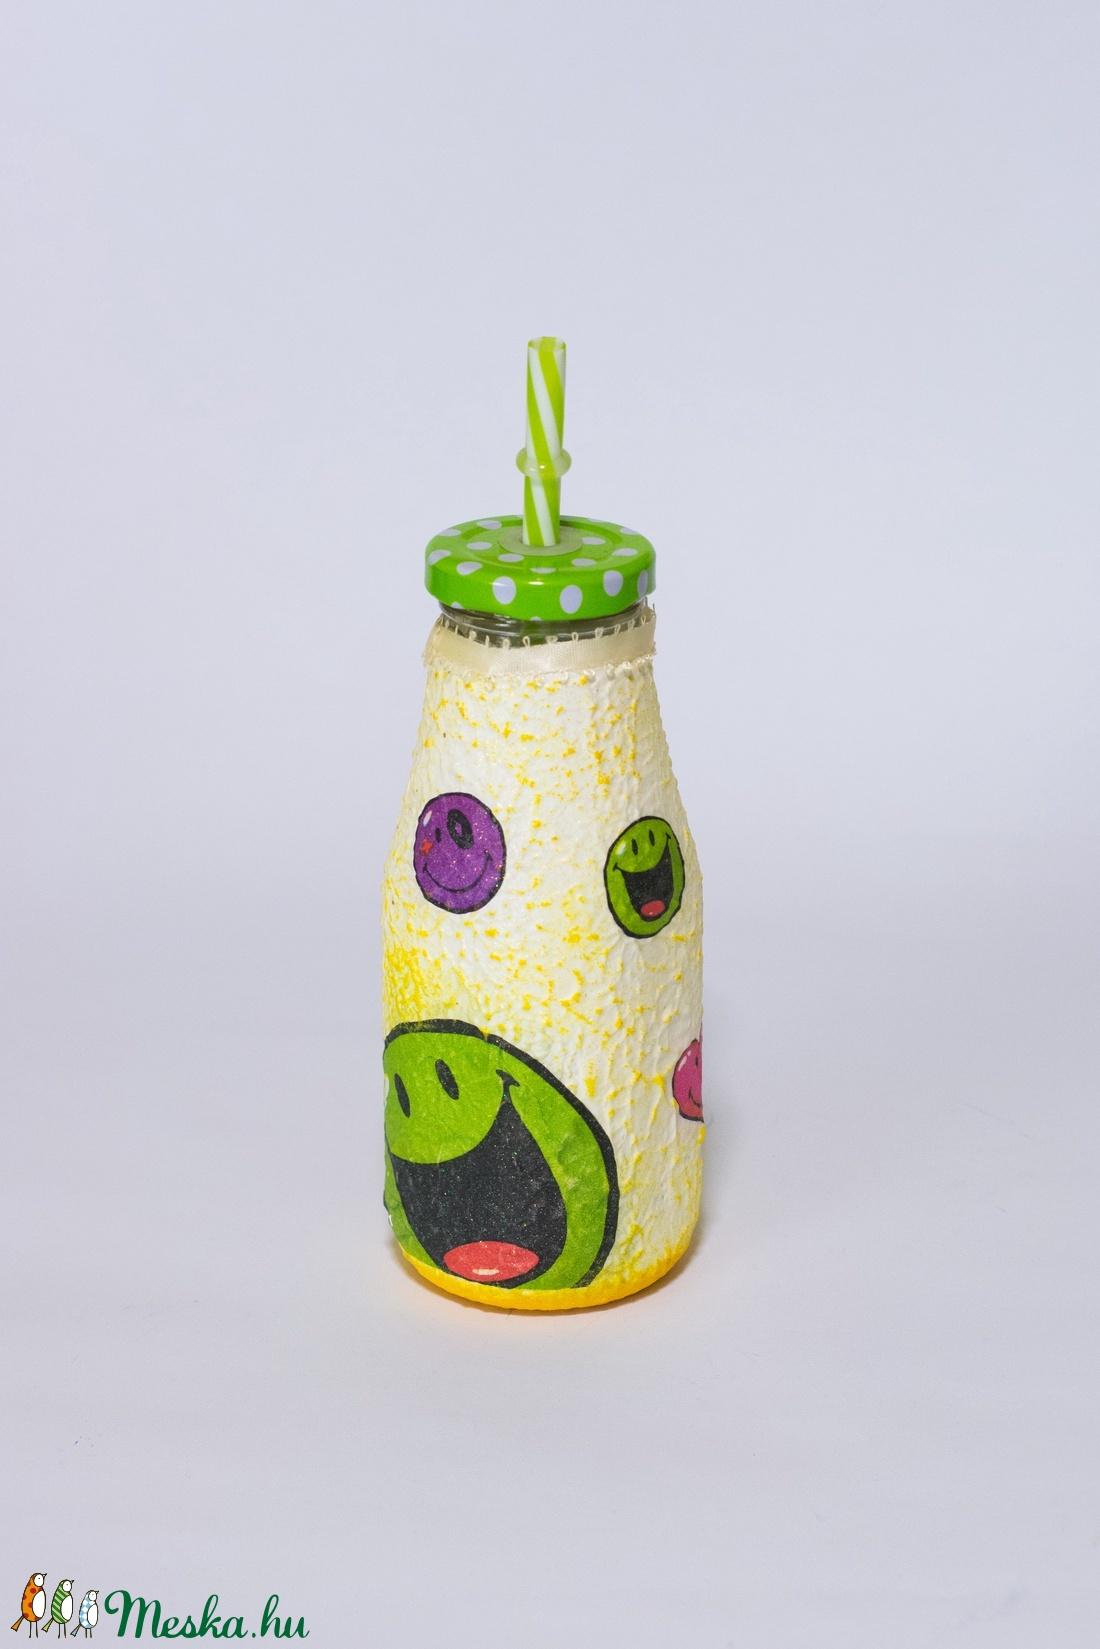 Emoji ikonos szívószálas üdítős üveg ajándék gyermeknapra, névnapra, szülinapi partira.   - otthon & lakás - dekoráció - díszüveg - Meska.hu